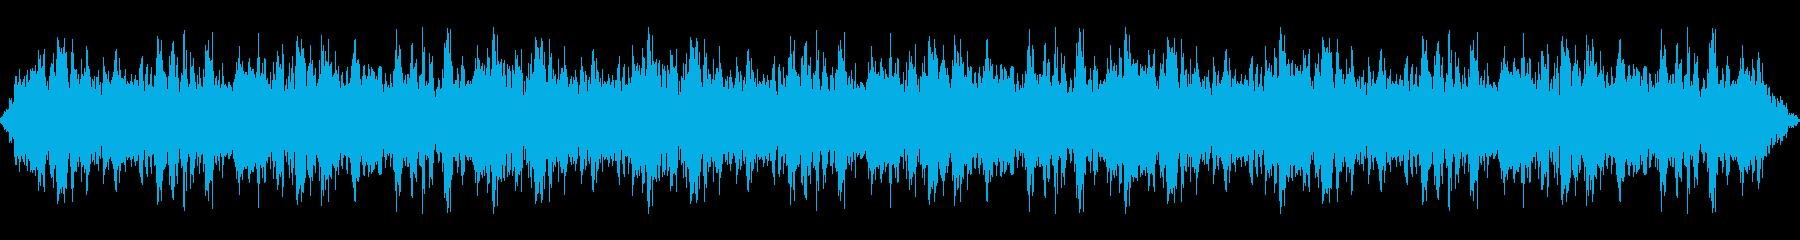 大規模なエイリアンクラウド:屋内:...の再生済みの波形